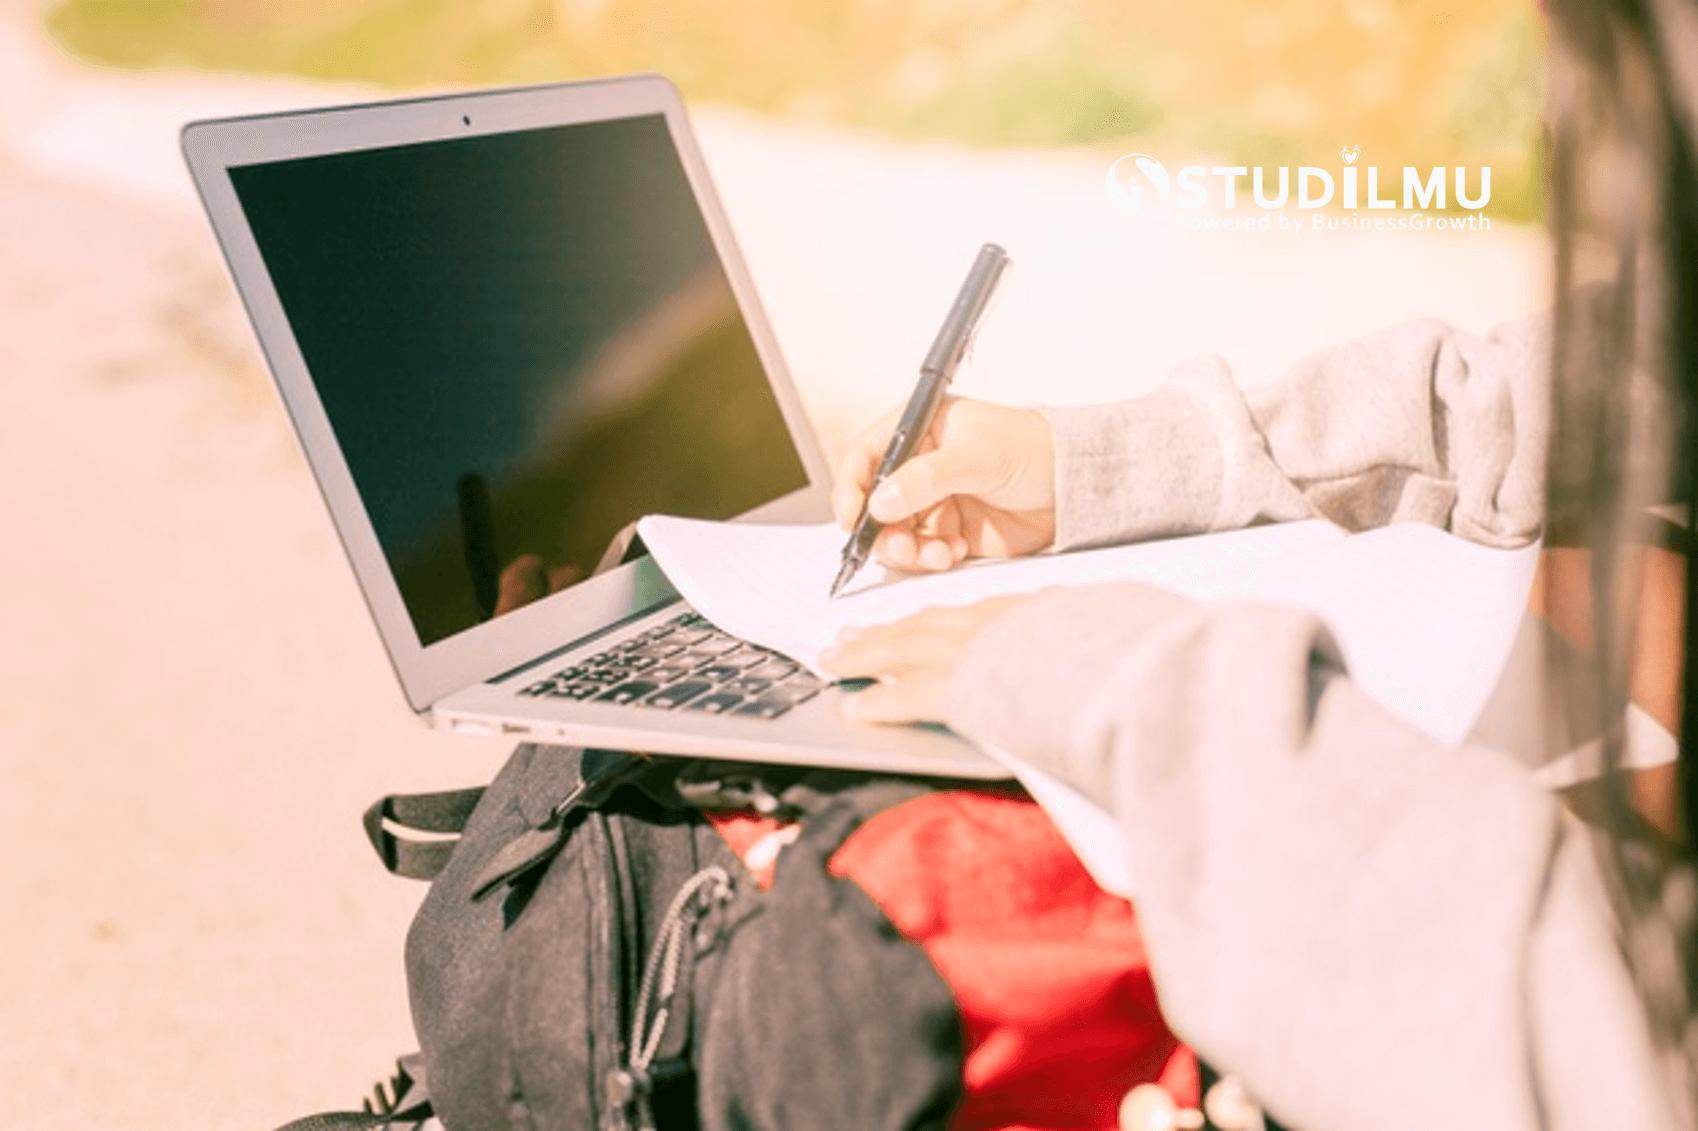 STUDILMU Career Advice - 10 Pelajaran Berharga dari Strategi Manajemen Kehidupan